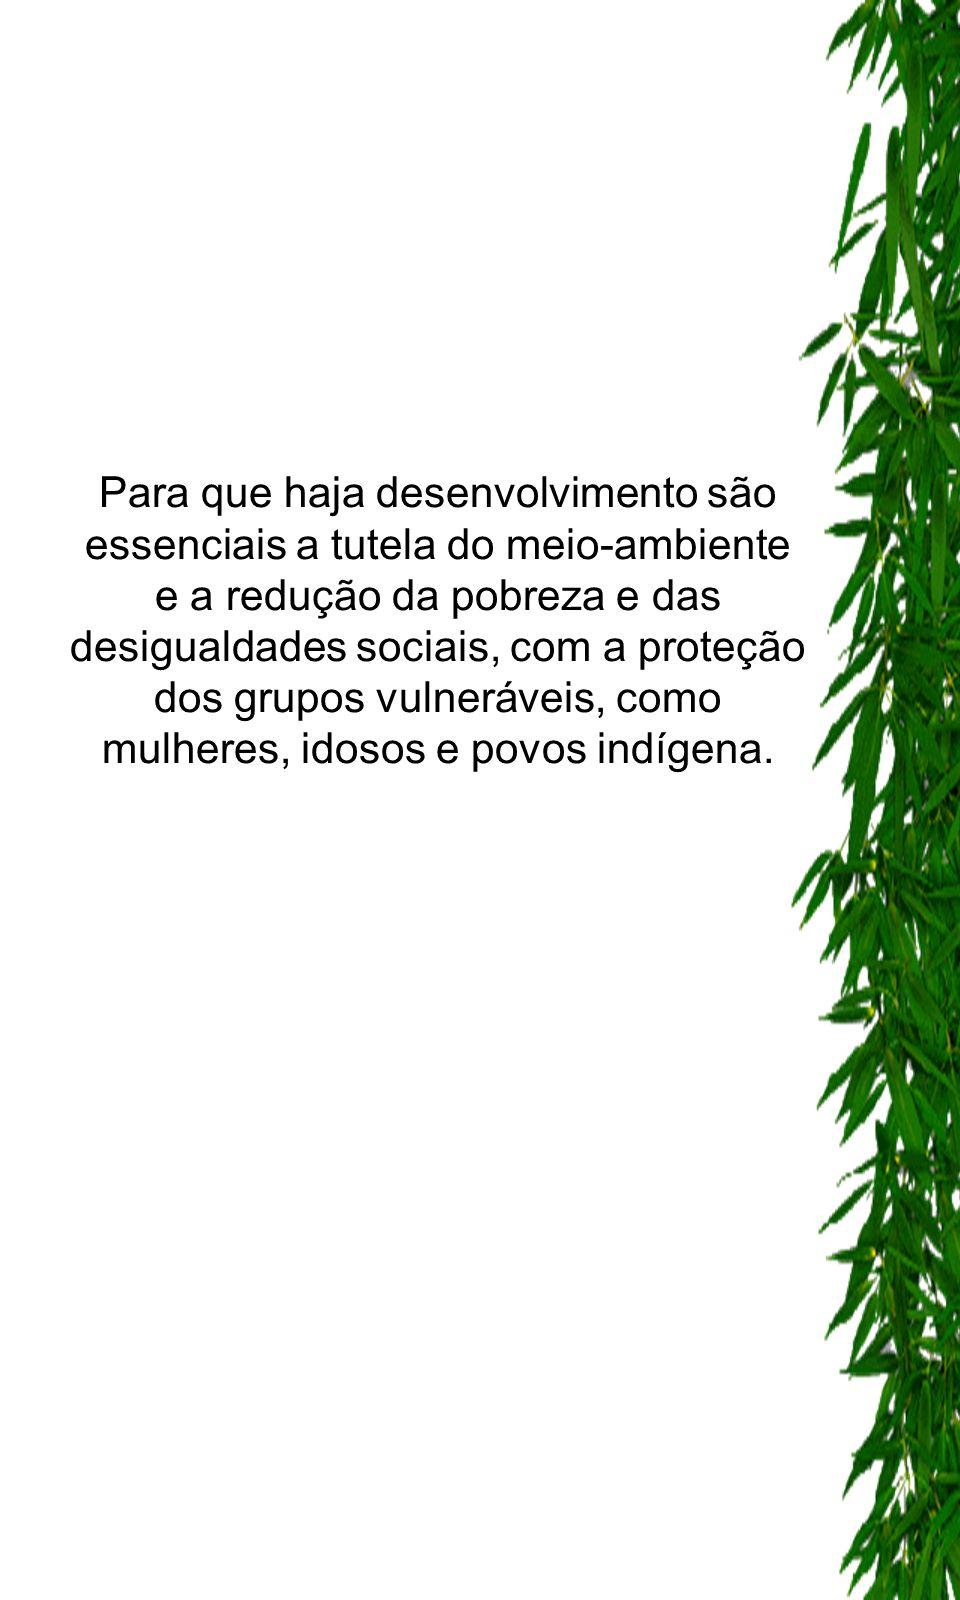 Para que haja desenvolvimento são essenciais a tutela do meio-ambiente e a redução da pobreza e das desigualdades sociais, com a proteção dos grupos vulneráveis, como mulheres, idosos e povos indígena.